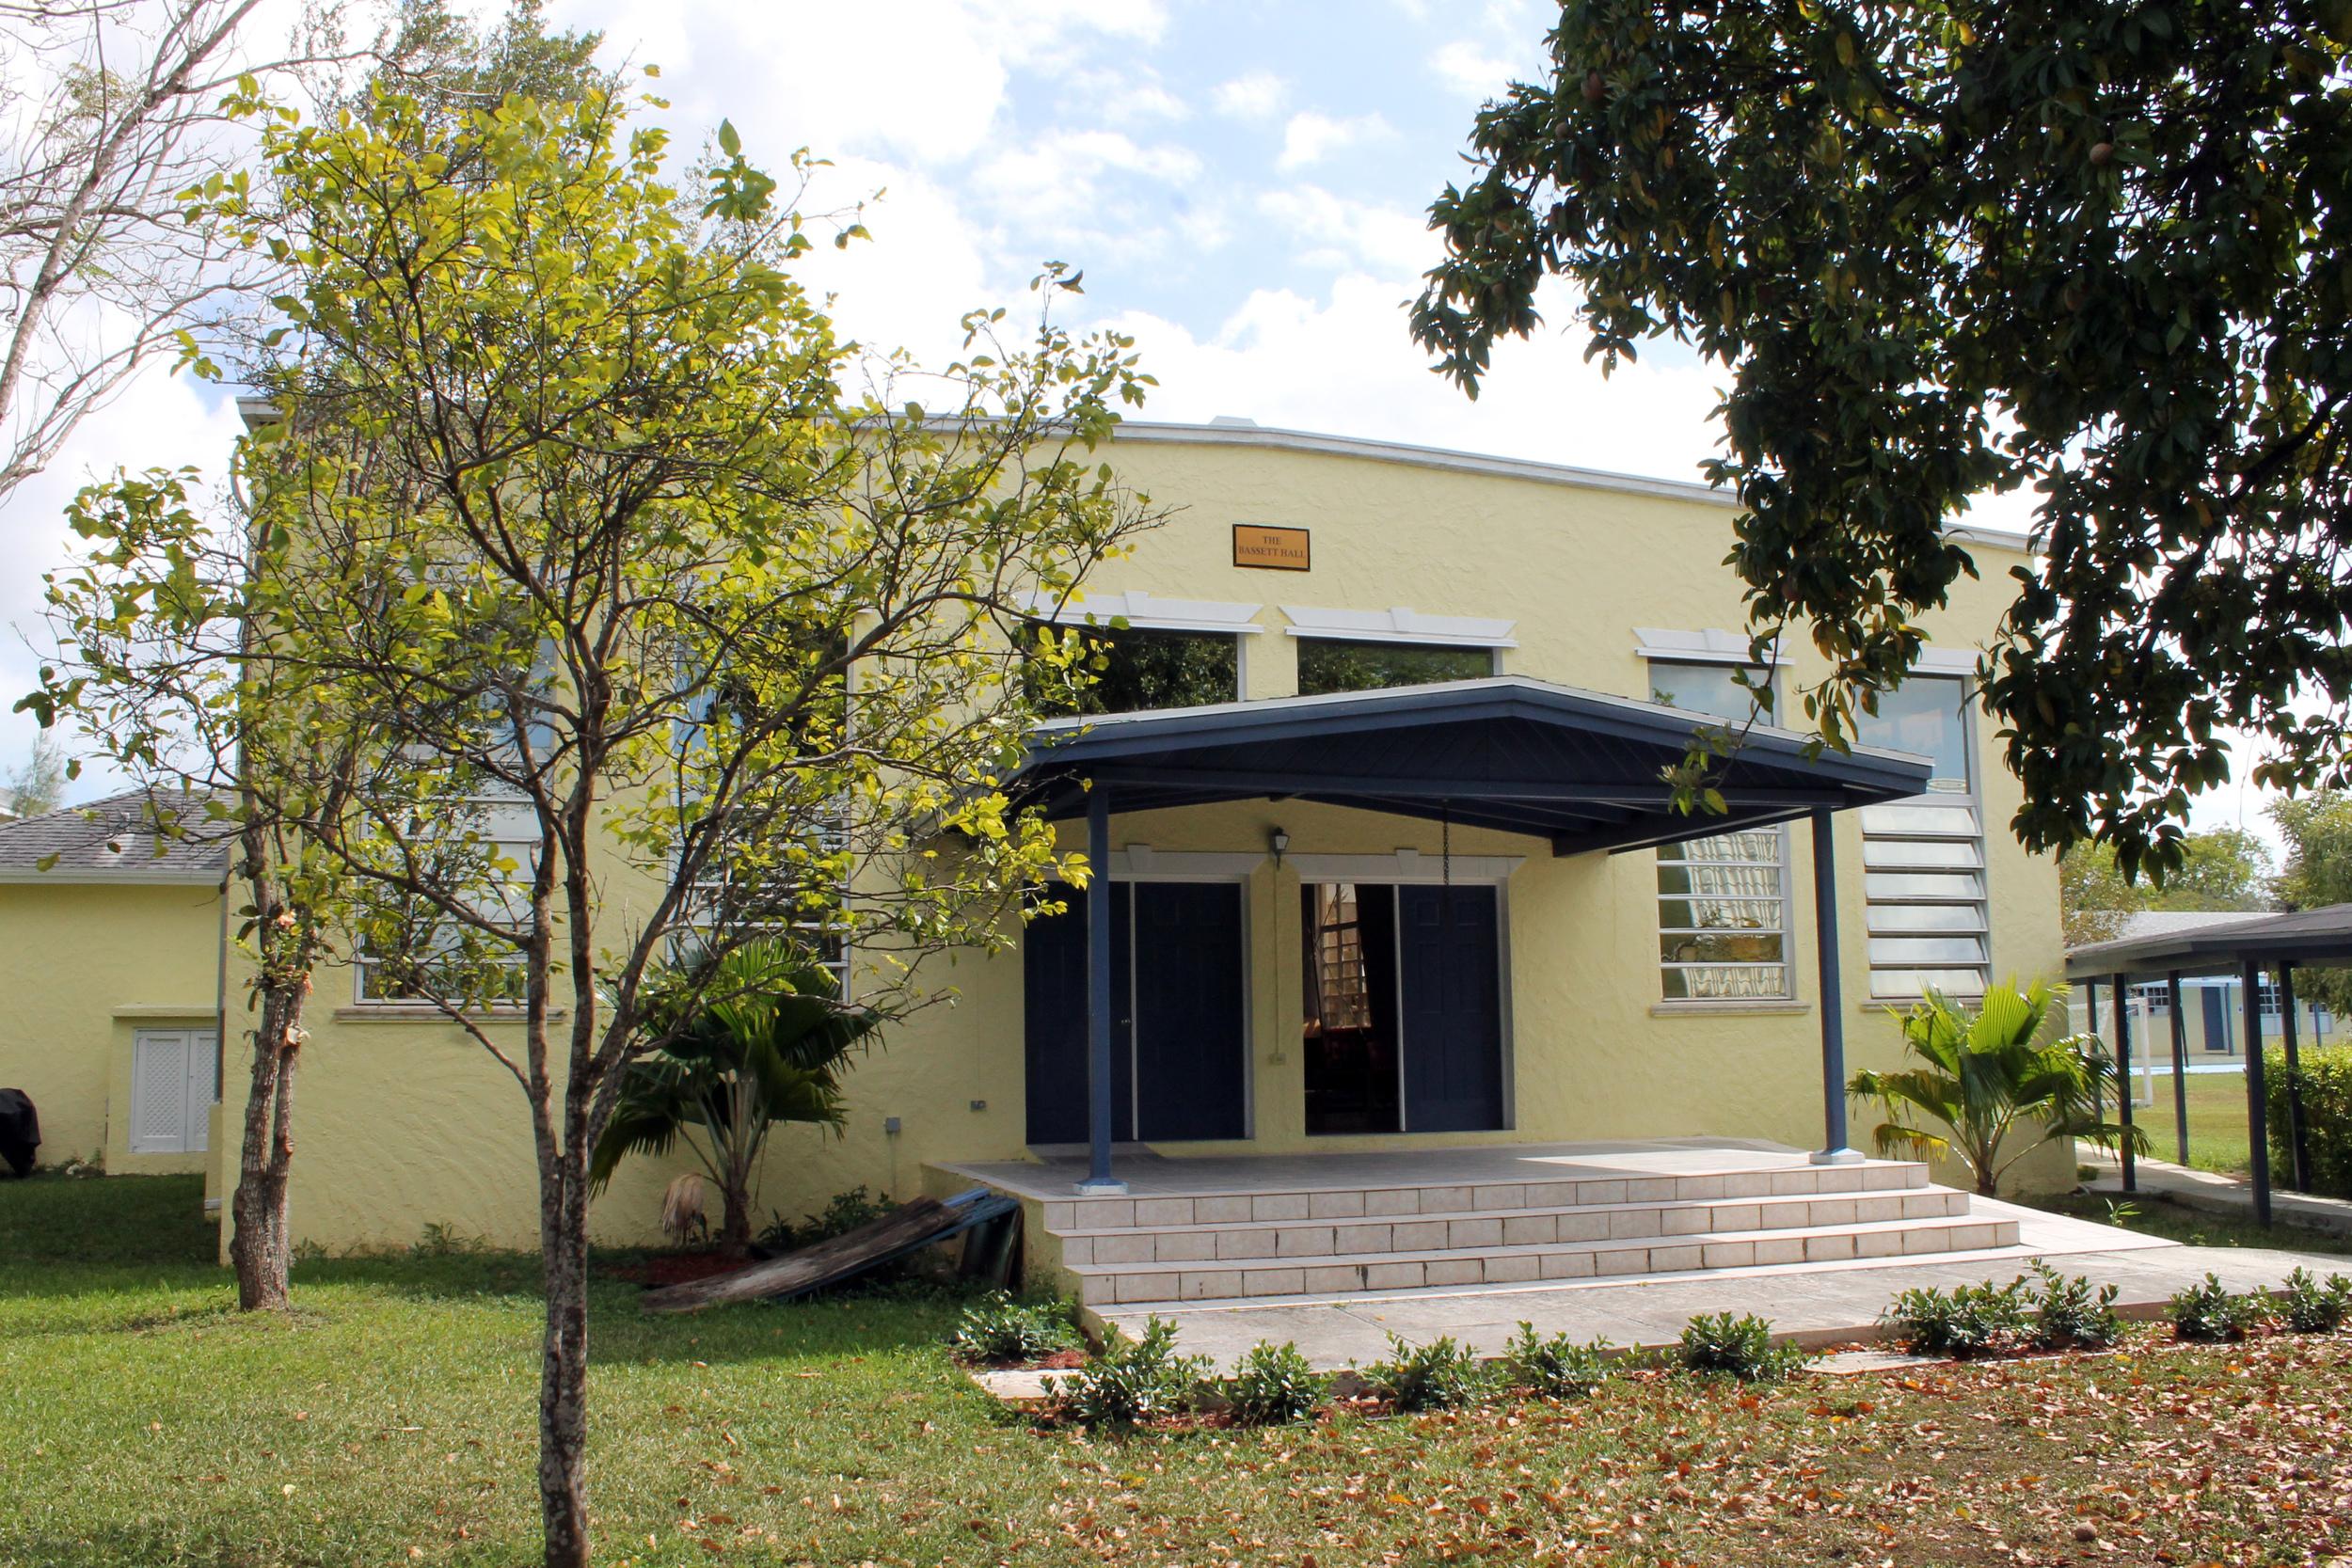 Tambearly Center